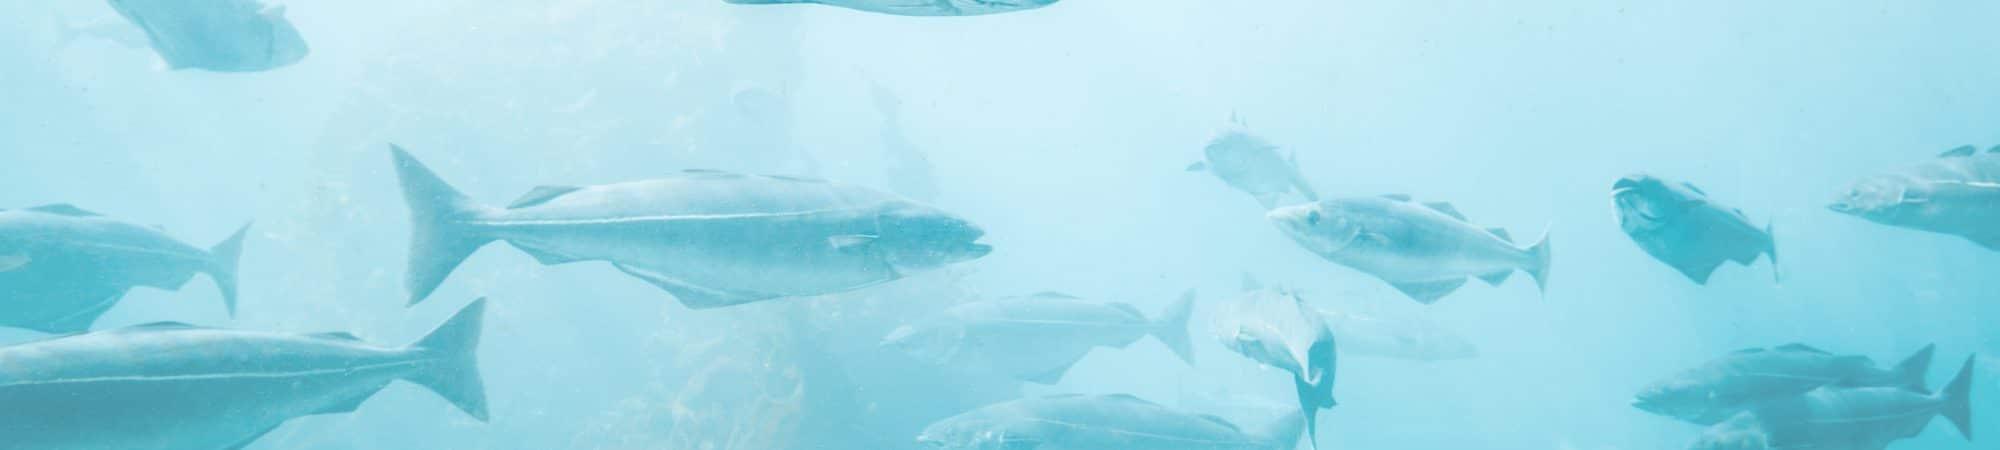 Peixes-2000x450